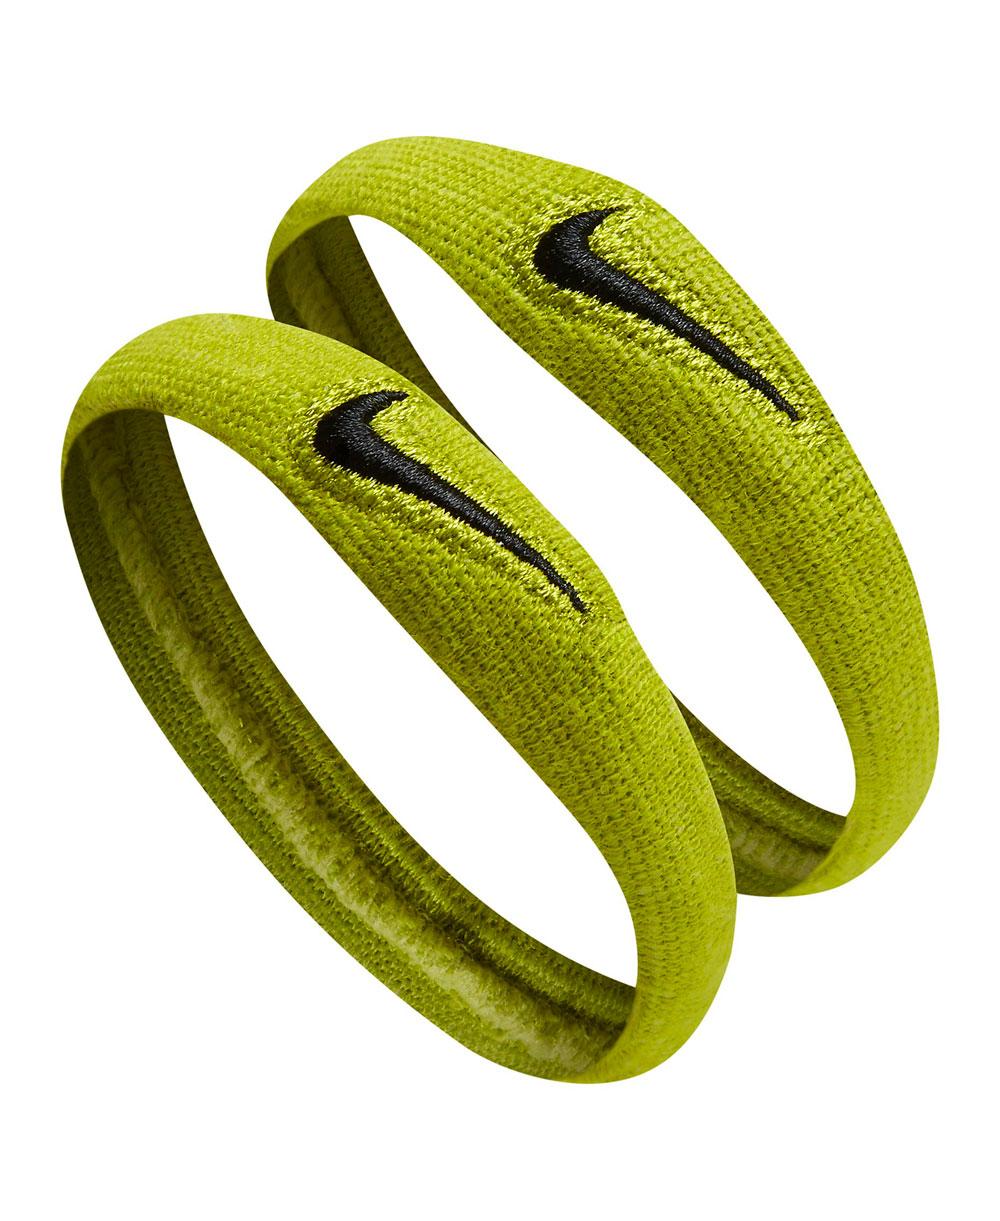 Dri-FIT Skinny Bicep Bands Green